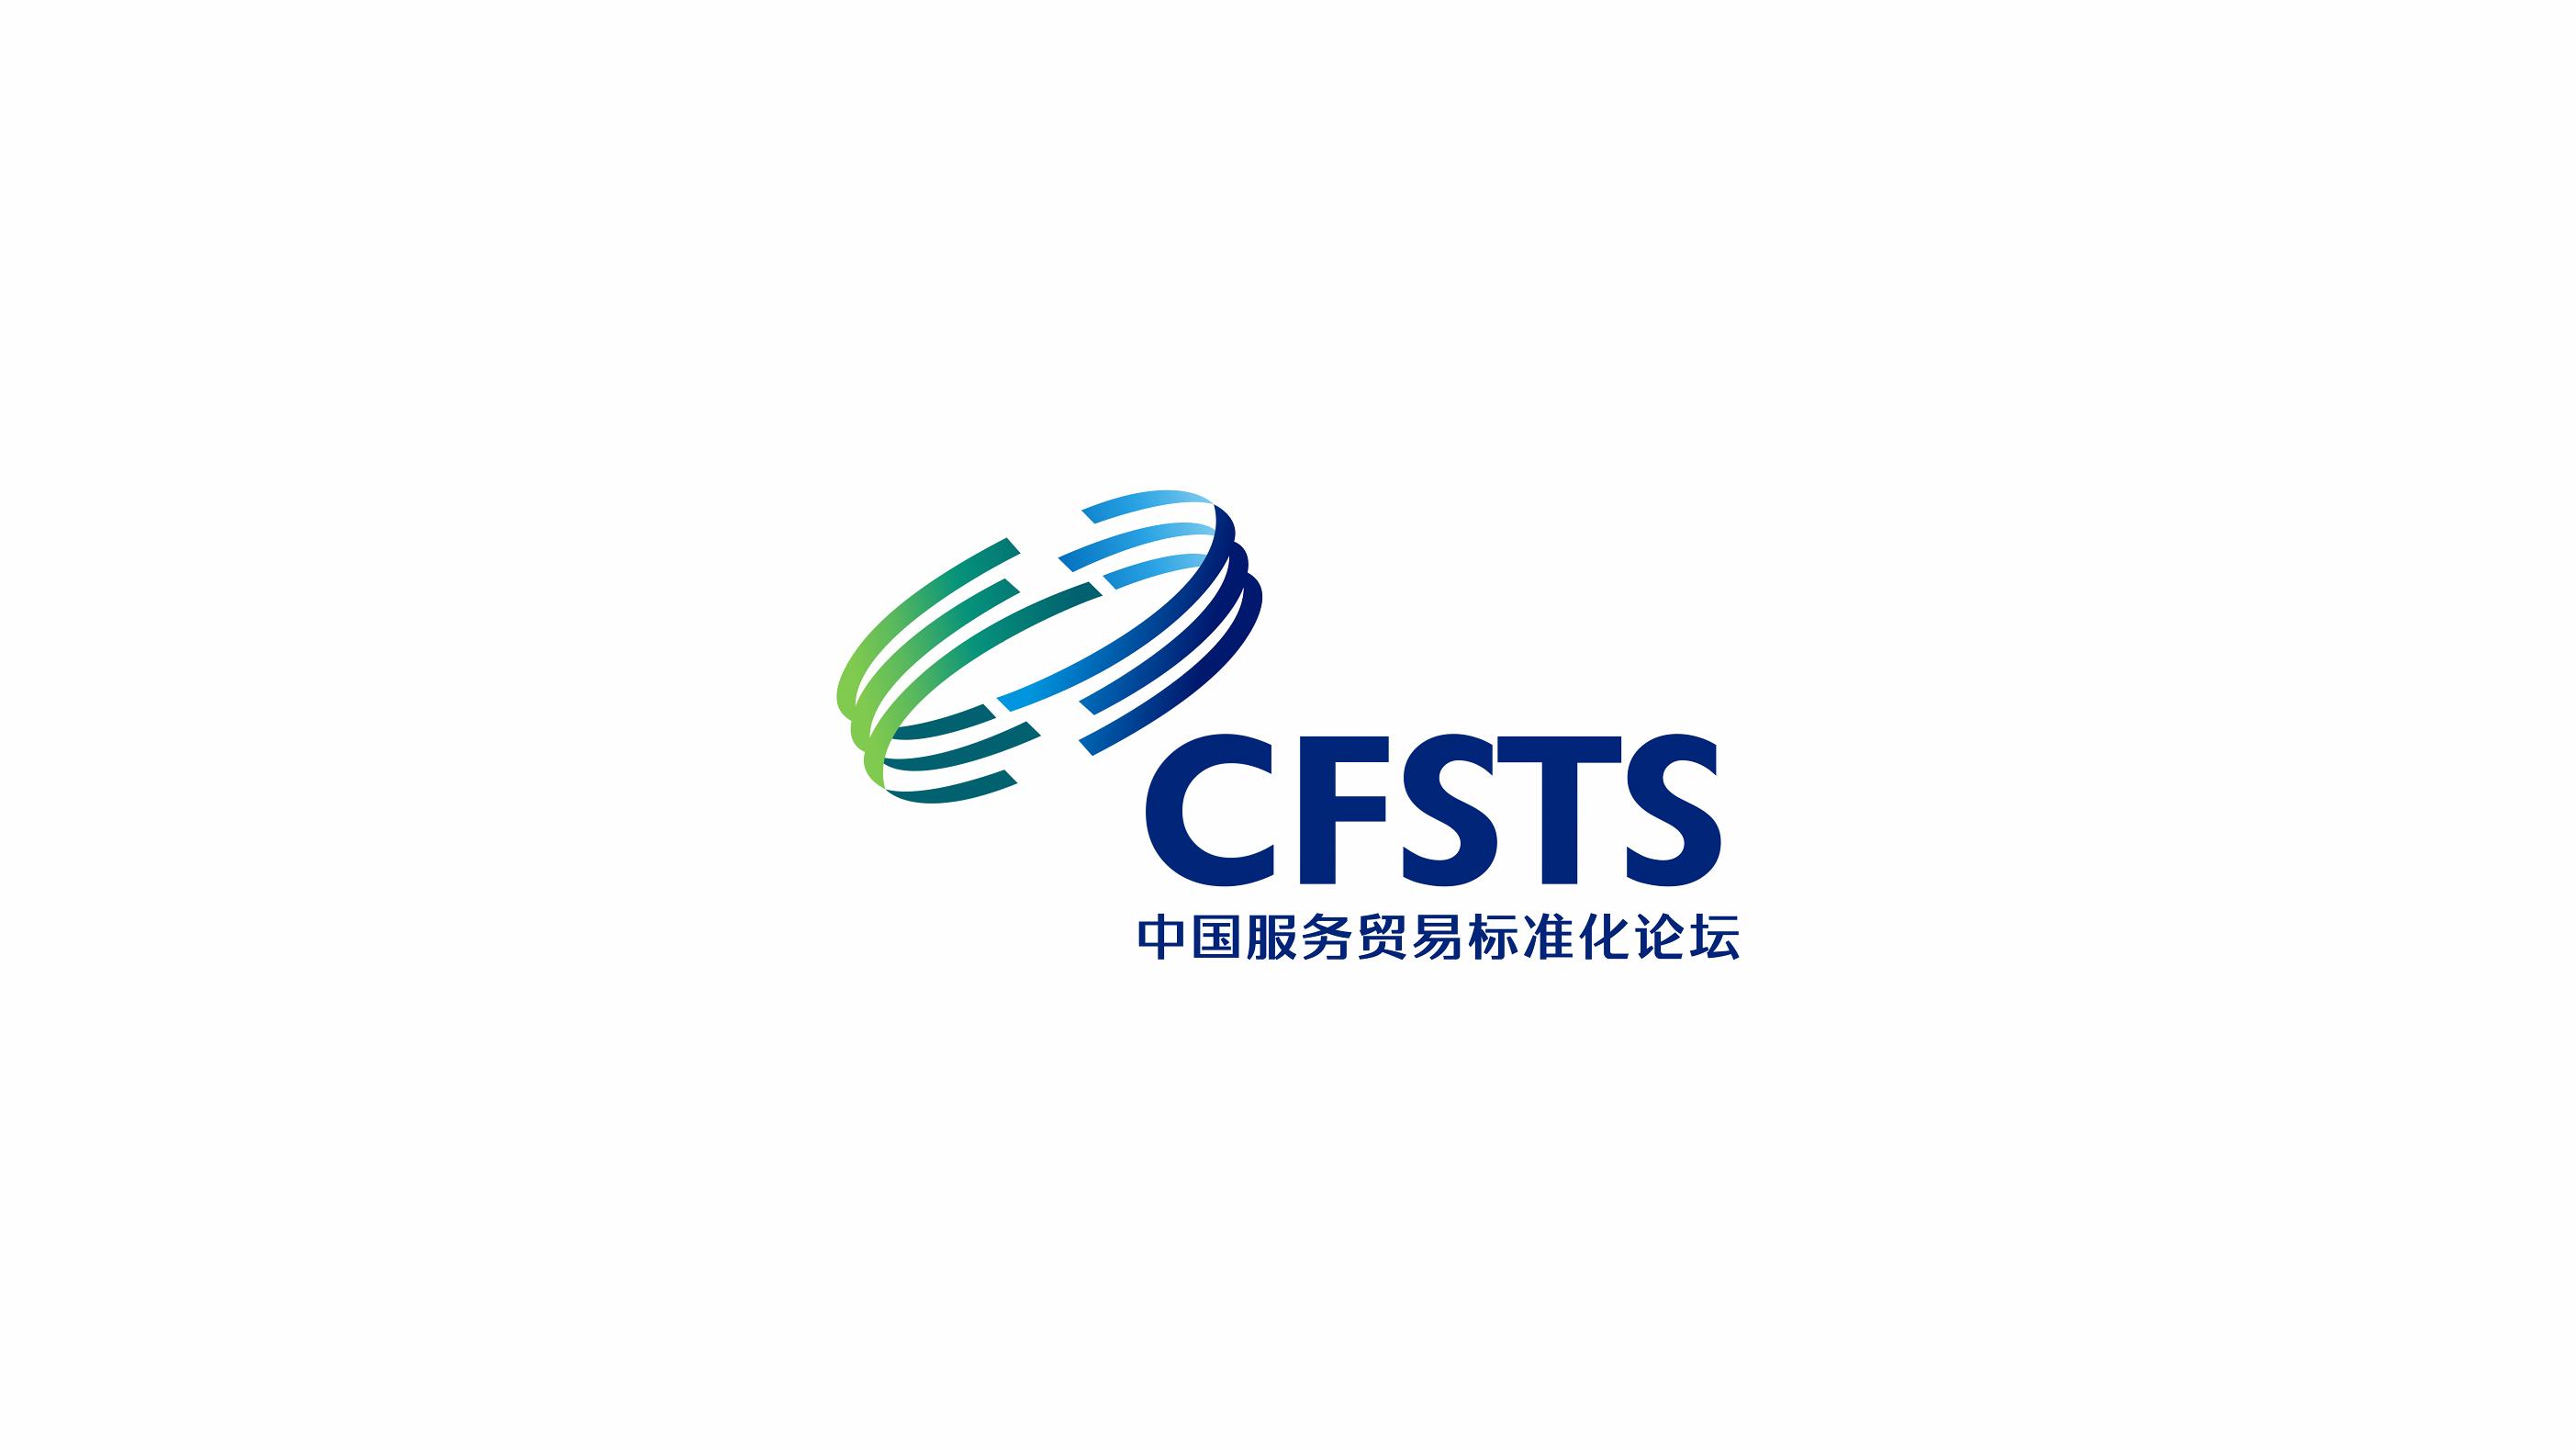 中国服务贸易标准化论坛logo征集方案_3038283_k68威客网